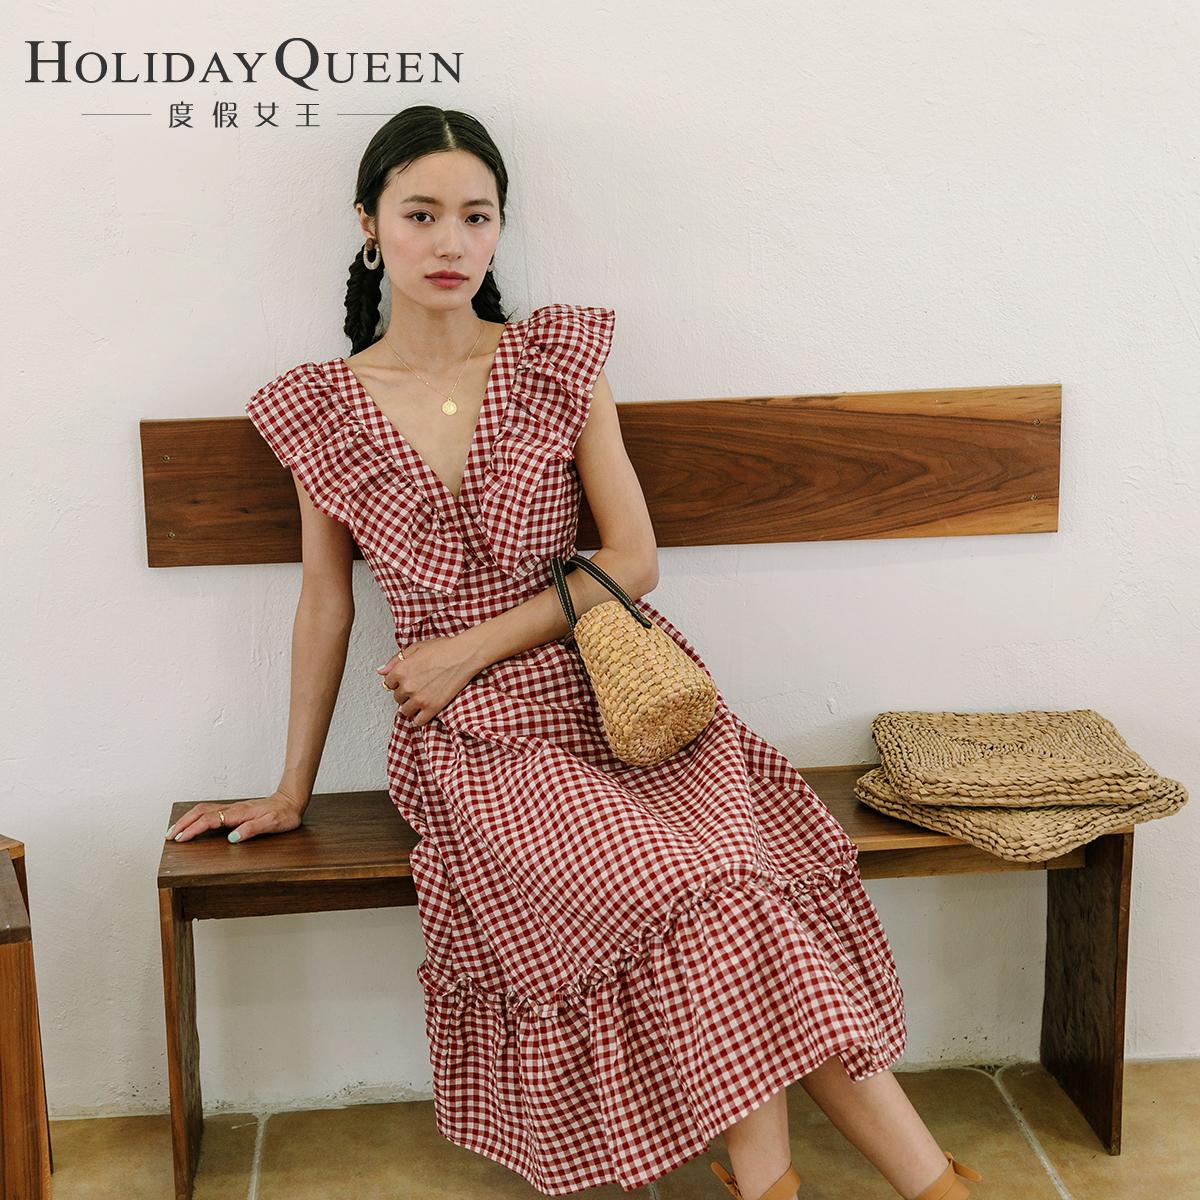 度假女王红白格子长裙性感露背前后V领连衣裙荷叶边大裙摆度假裙